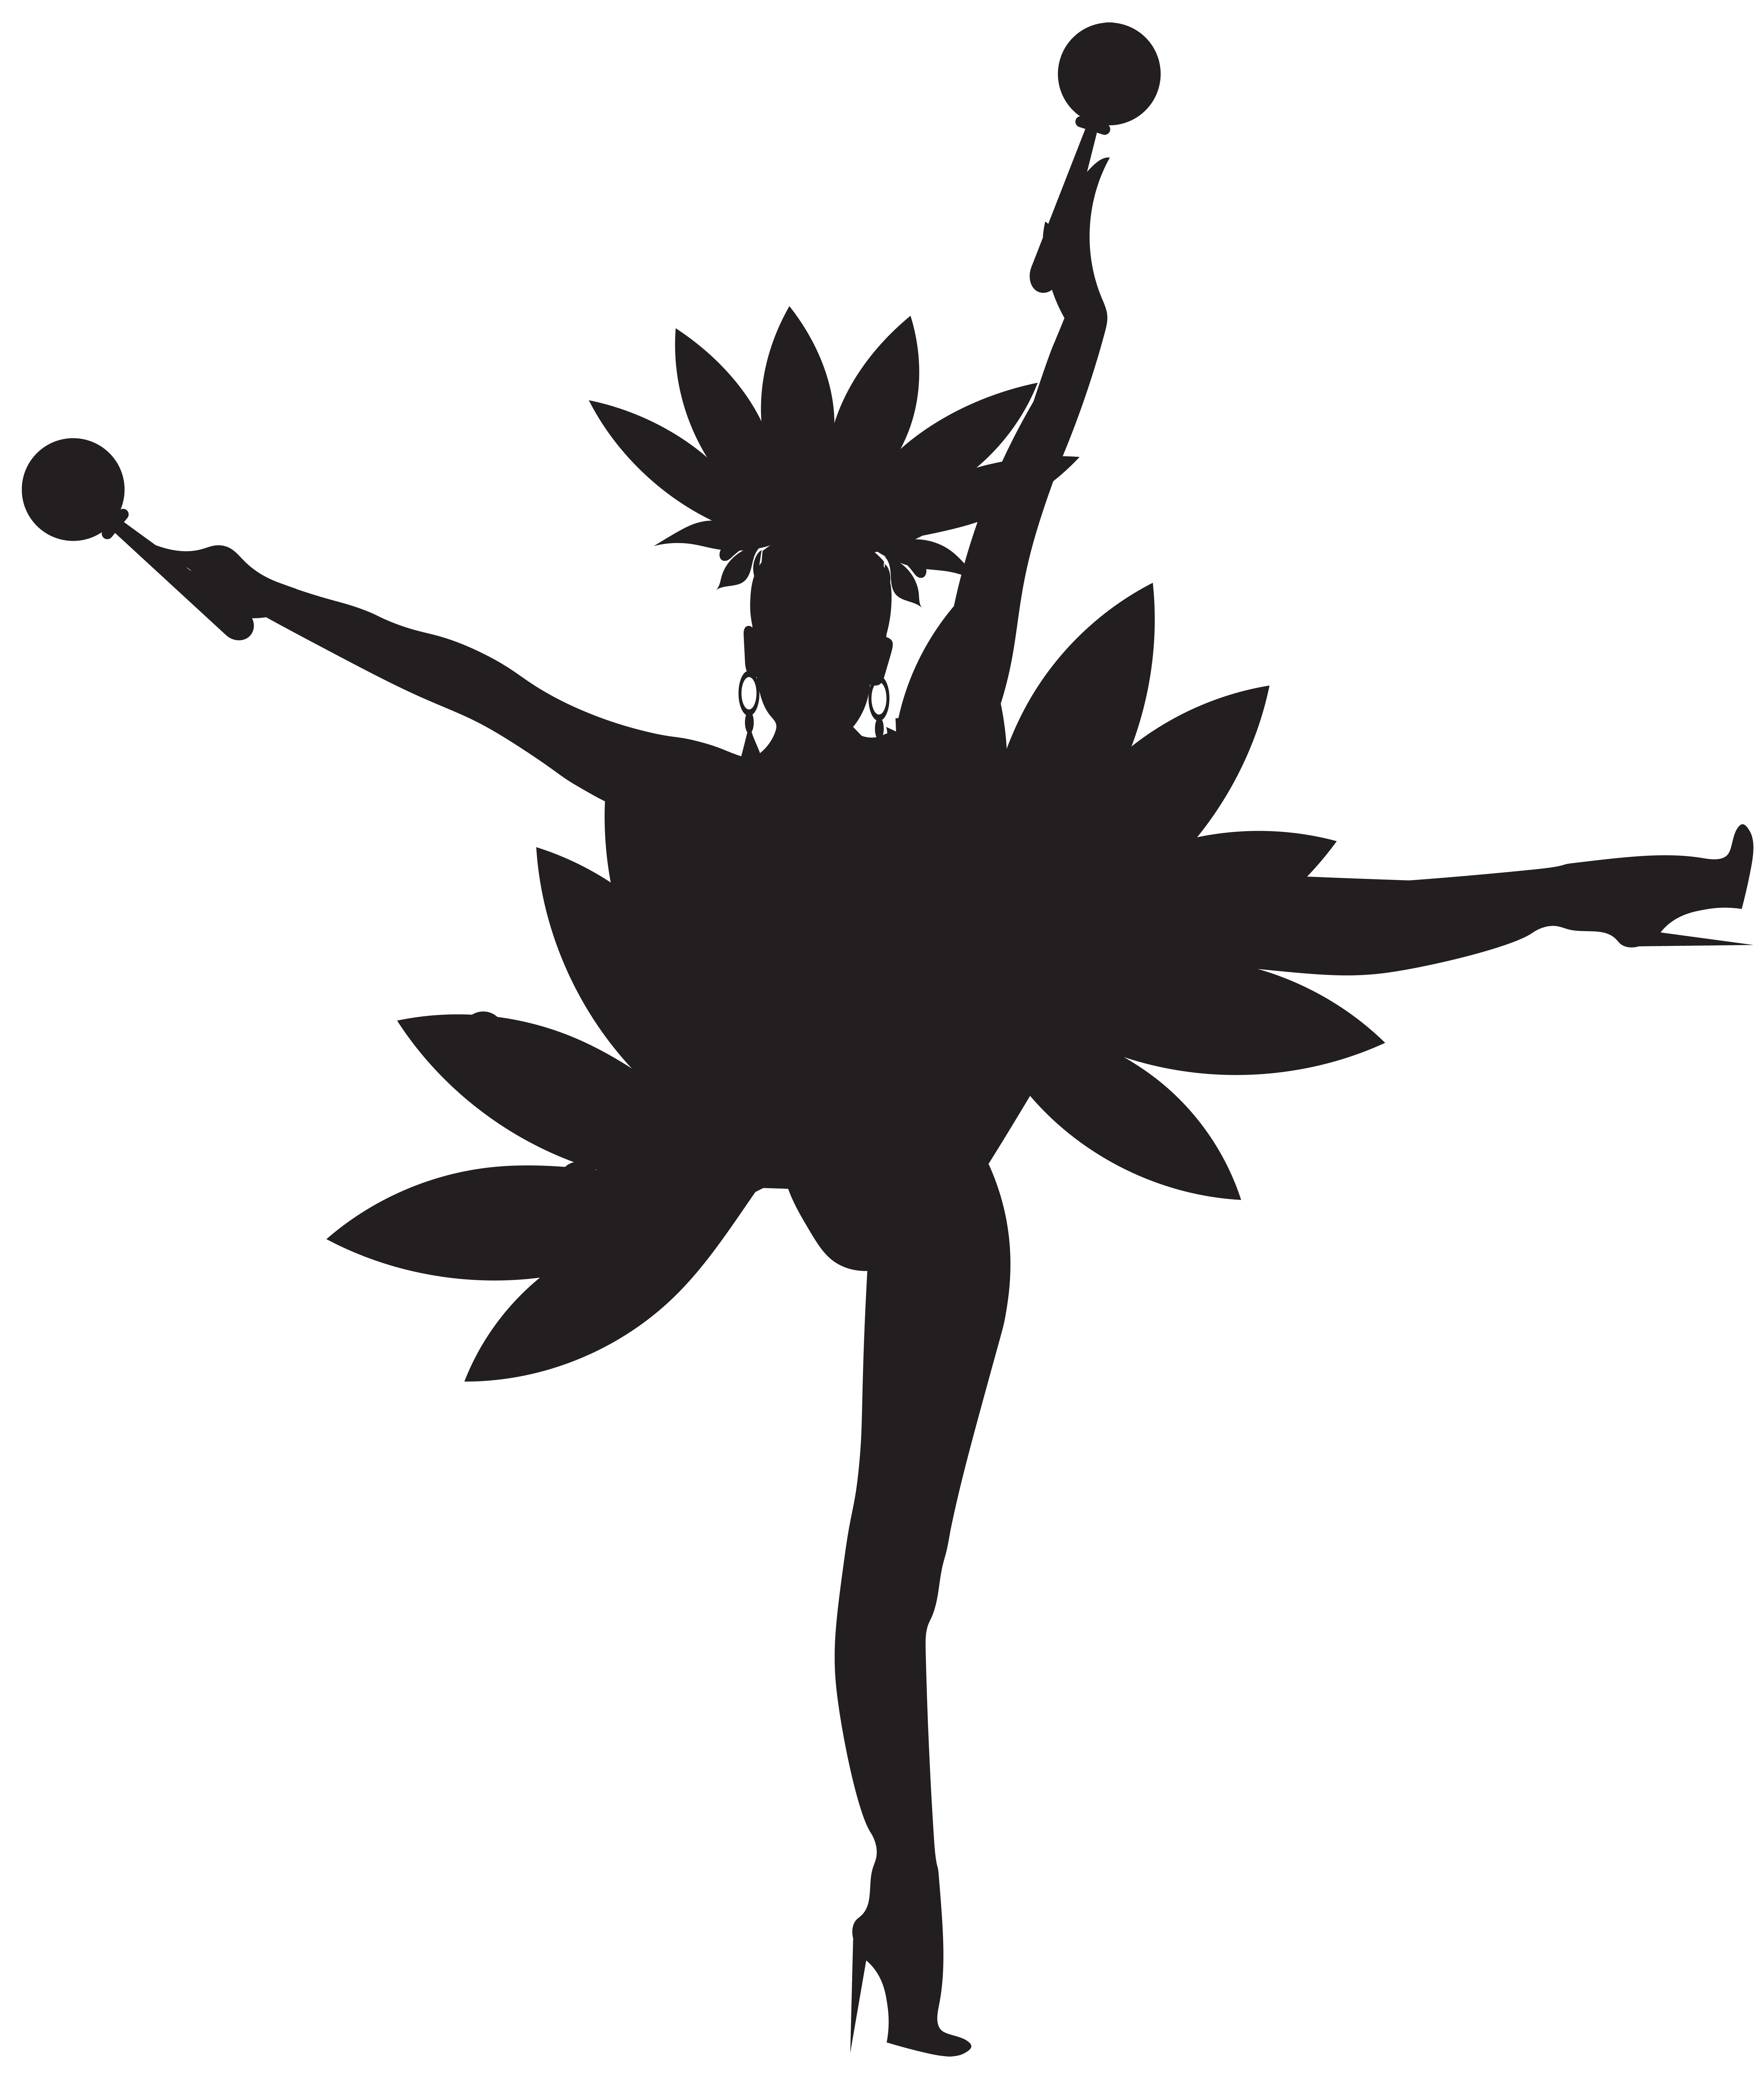 Dance clipart symbol. Dancers silhouette clip art